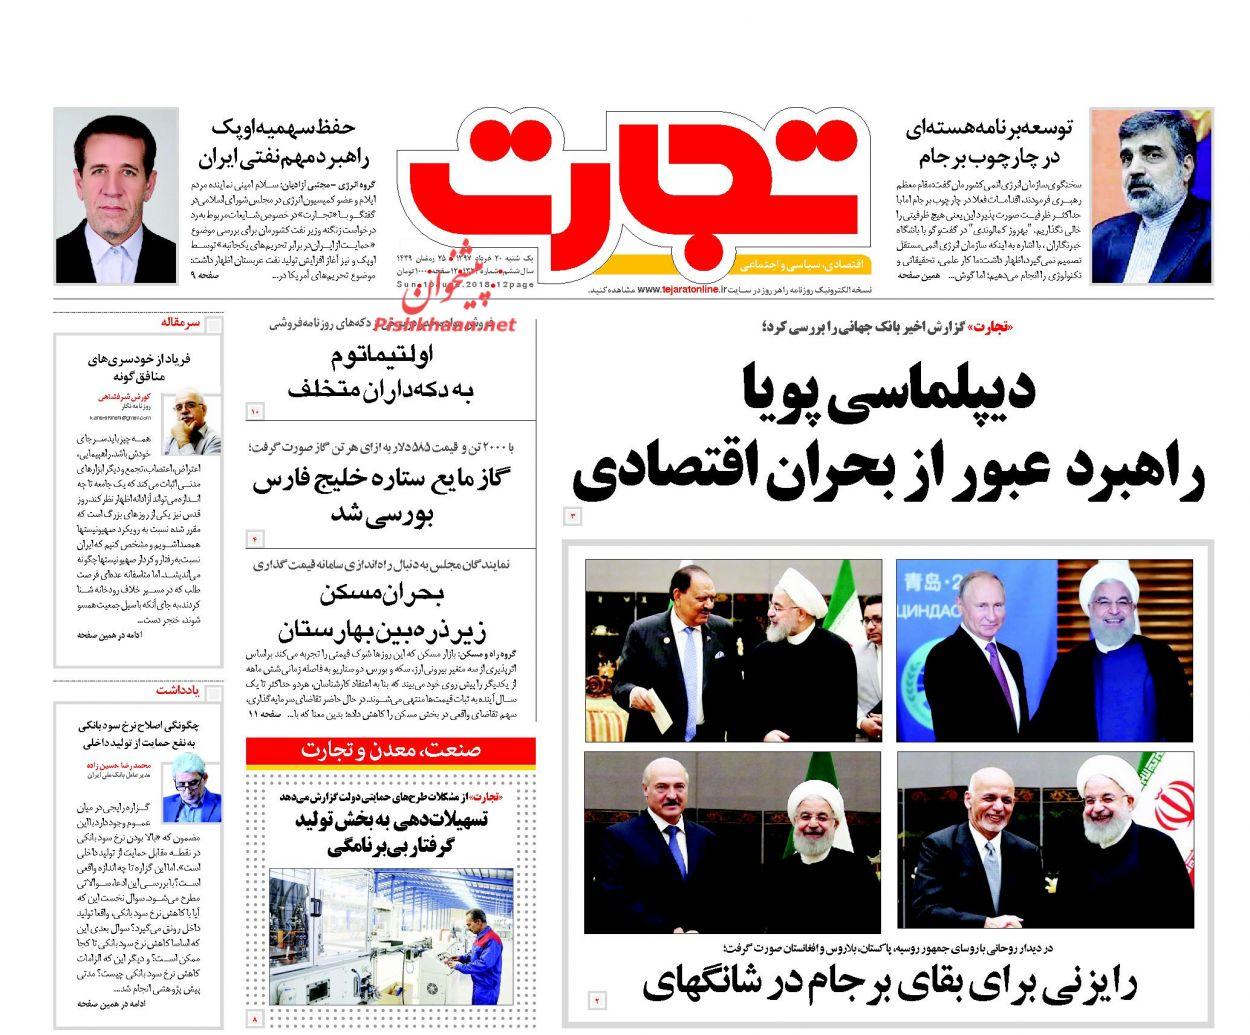 صفحه نخست روزنامه های اقتصادی 20 خردادماه